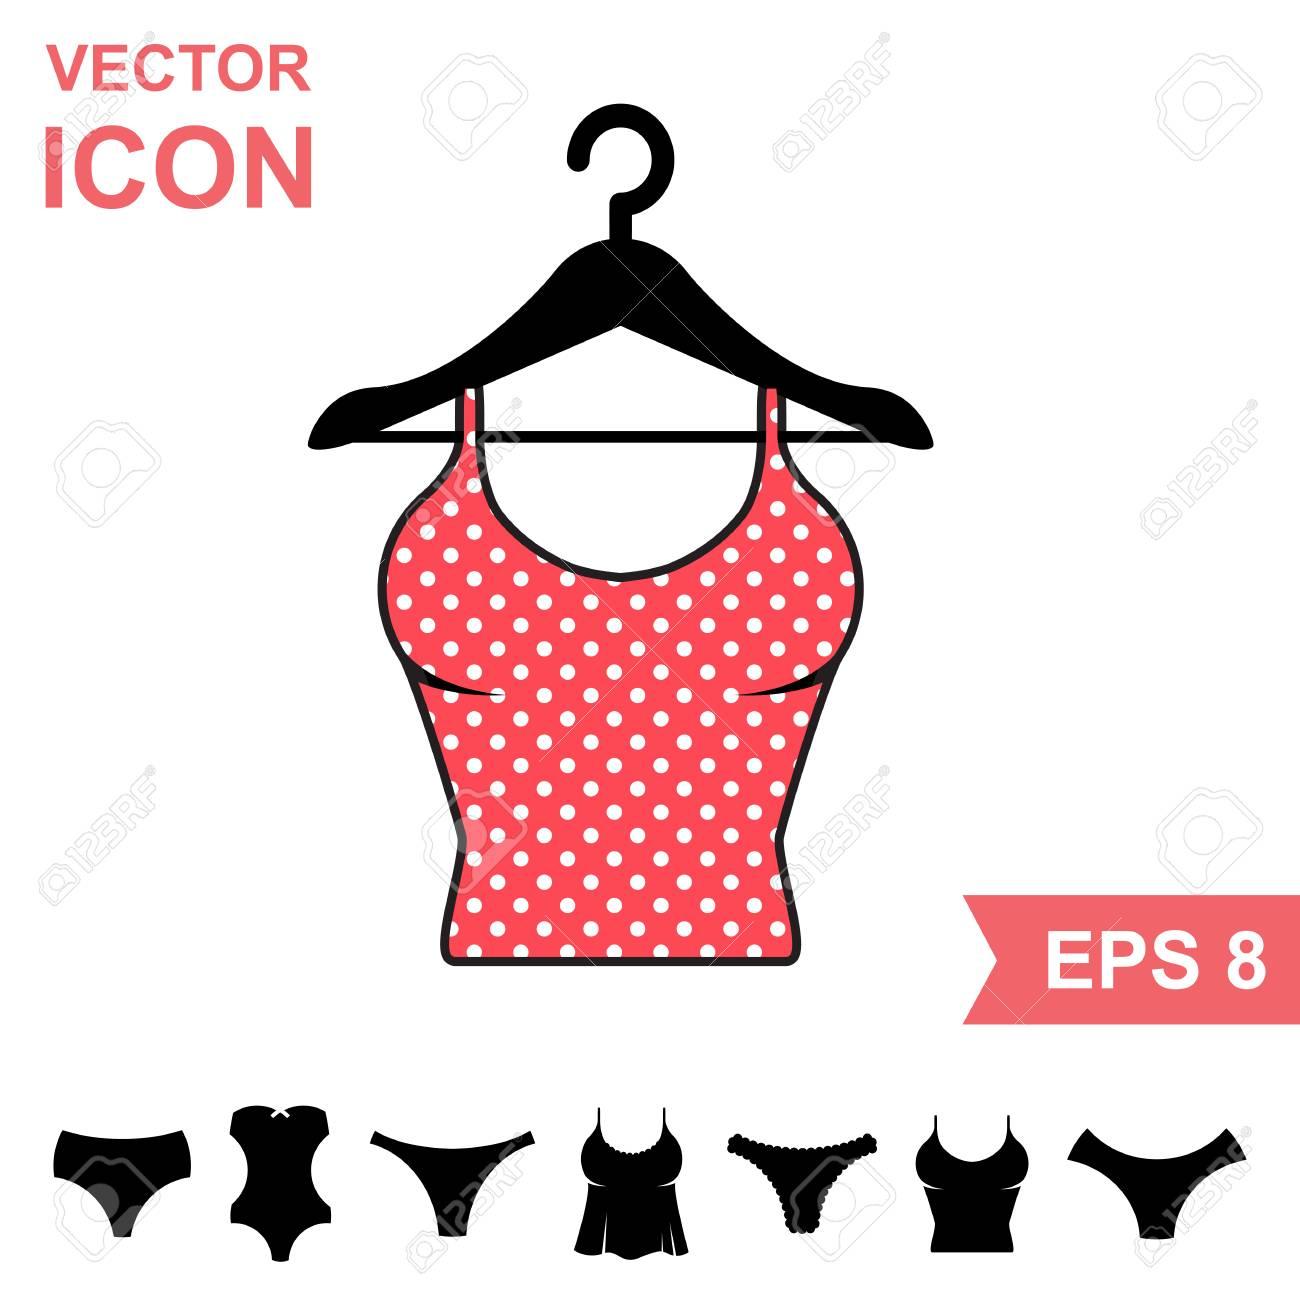 8493cb049ce0 Conjunto de icono de Vector de ropa interior correctiva sobre fondo blanco.  Colección moderna de ropa interior para jóvenes